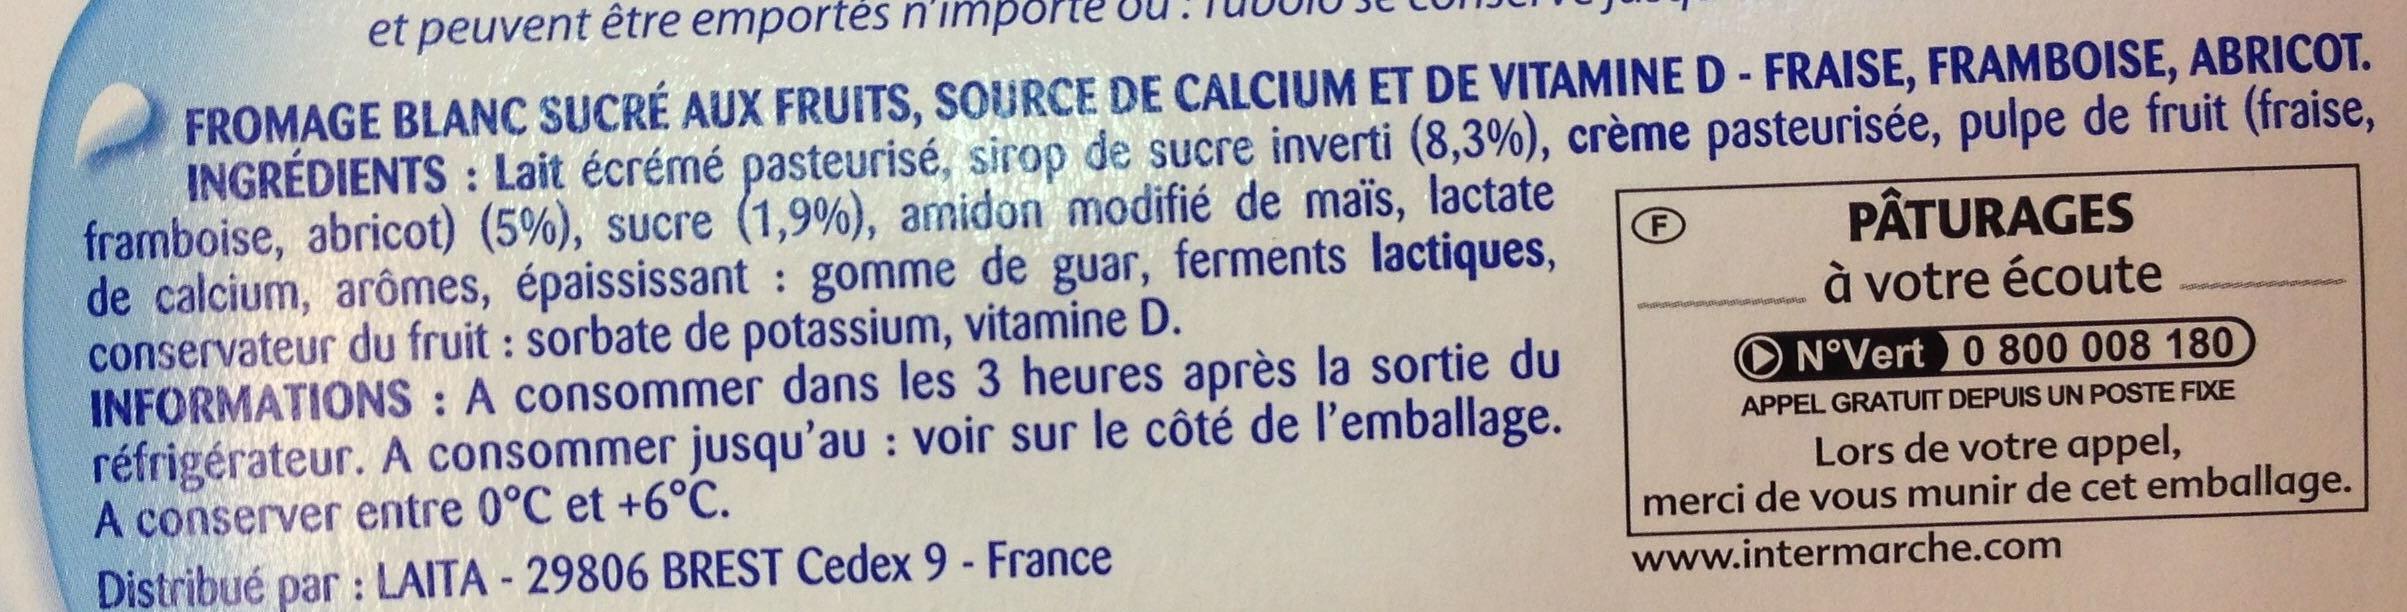 Tubes de fromage blanc aux fruits fraise/framboise/abricot - Ingrédients